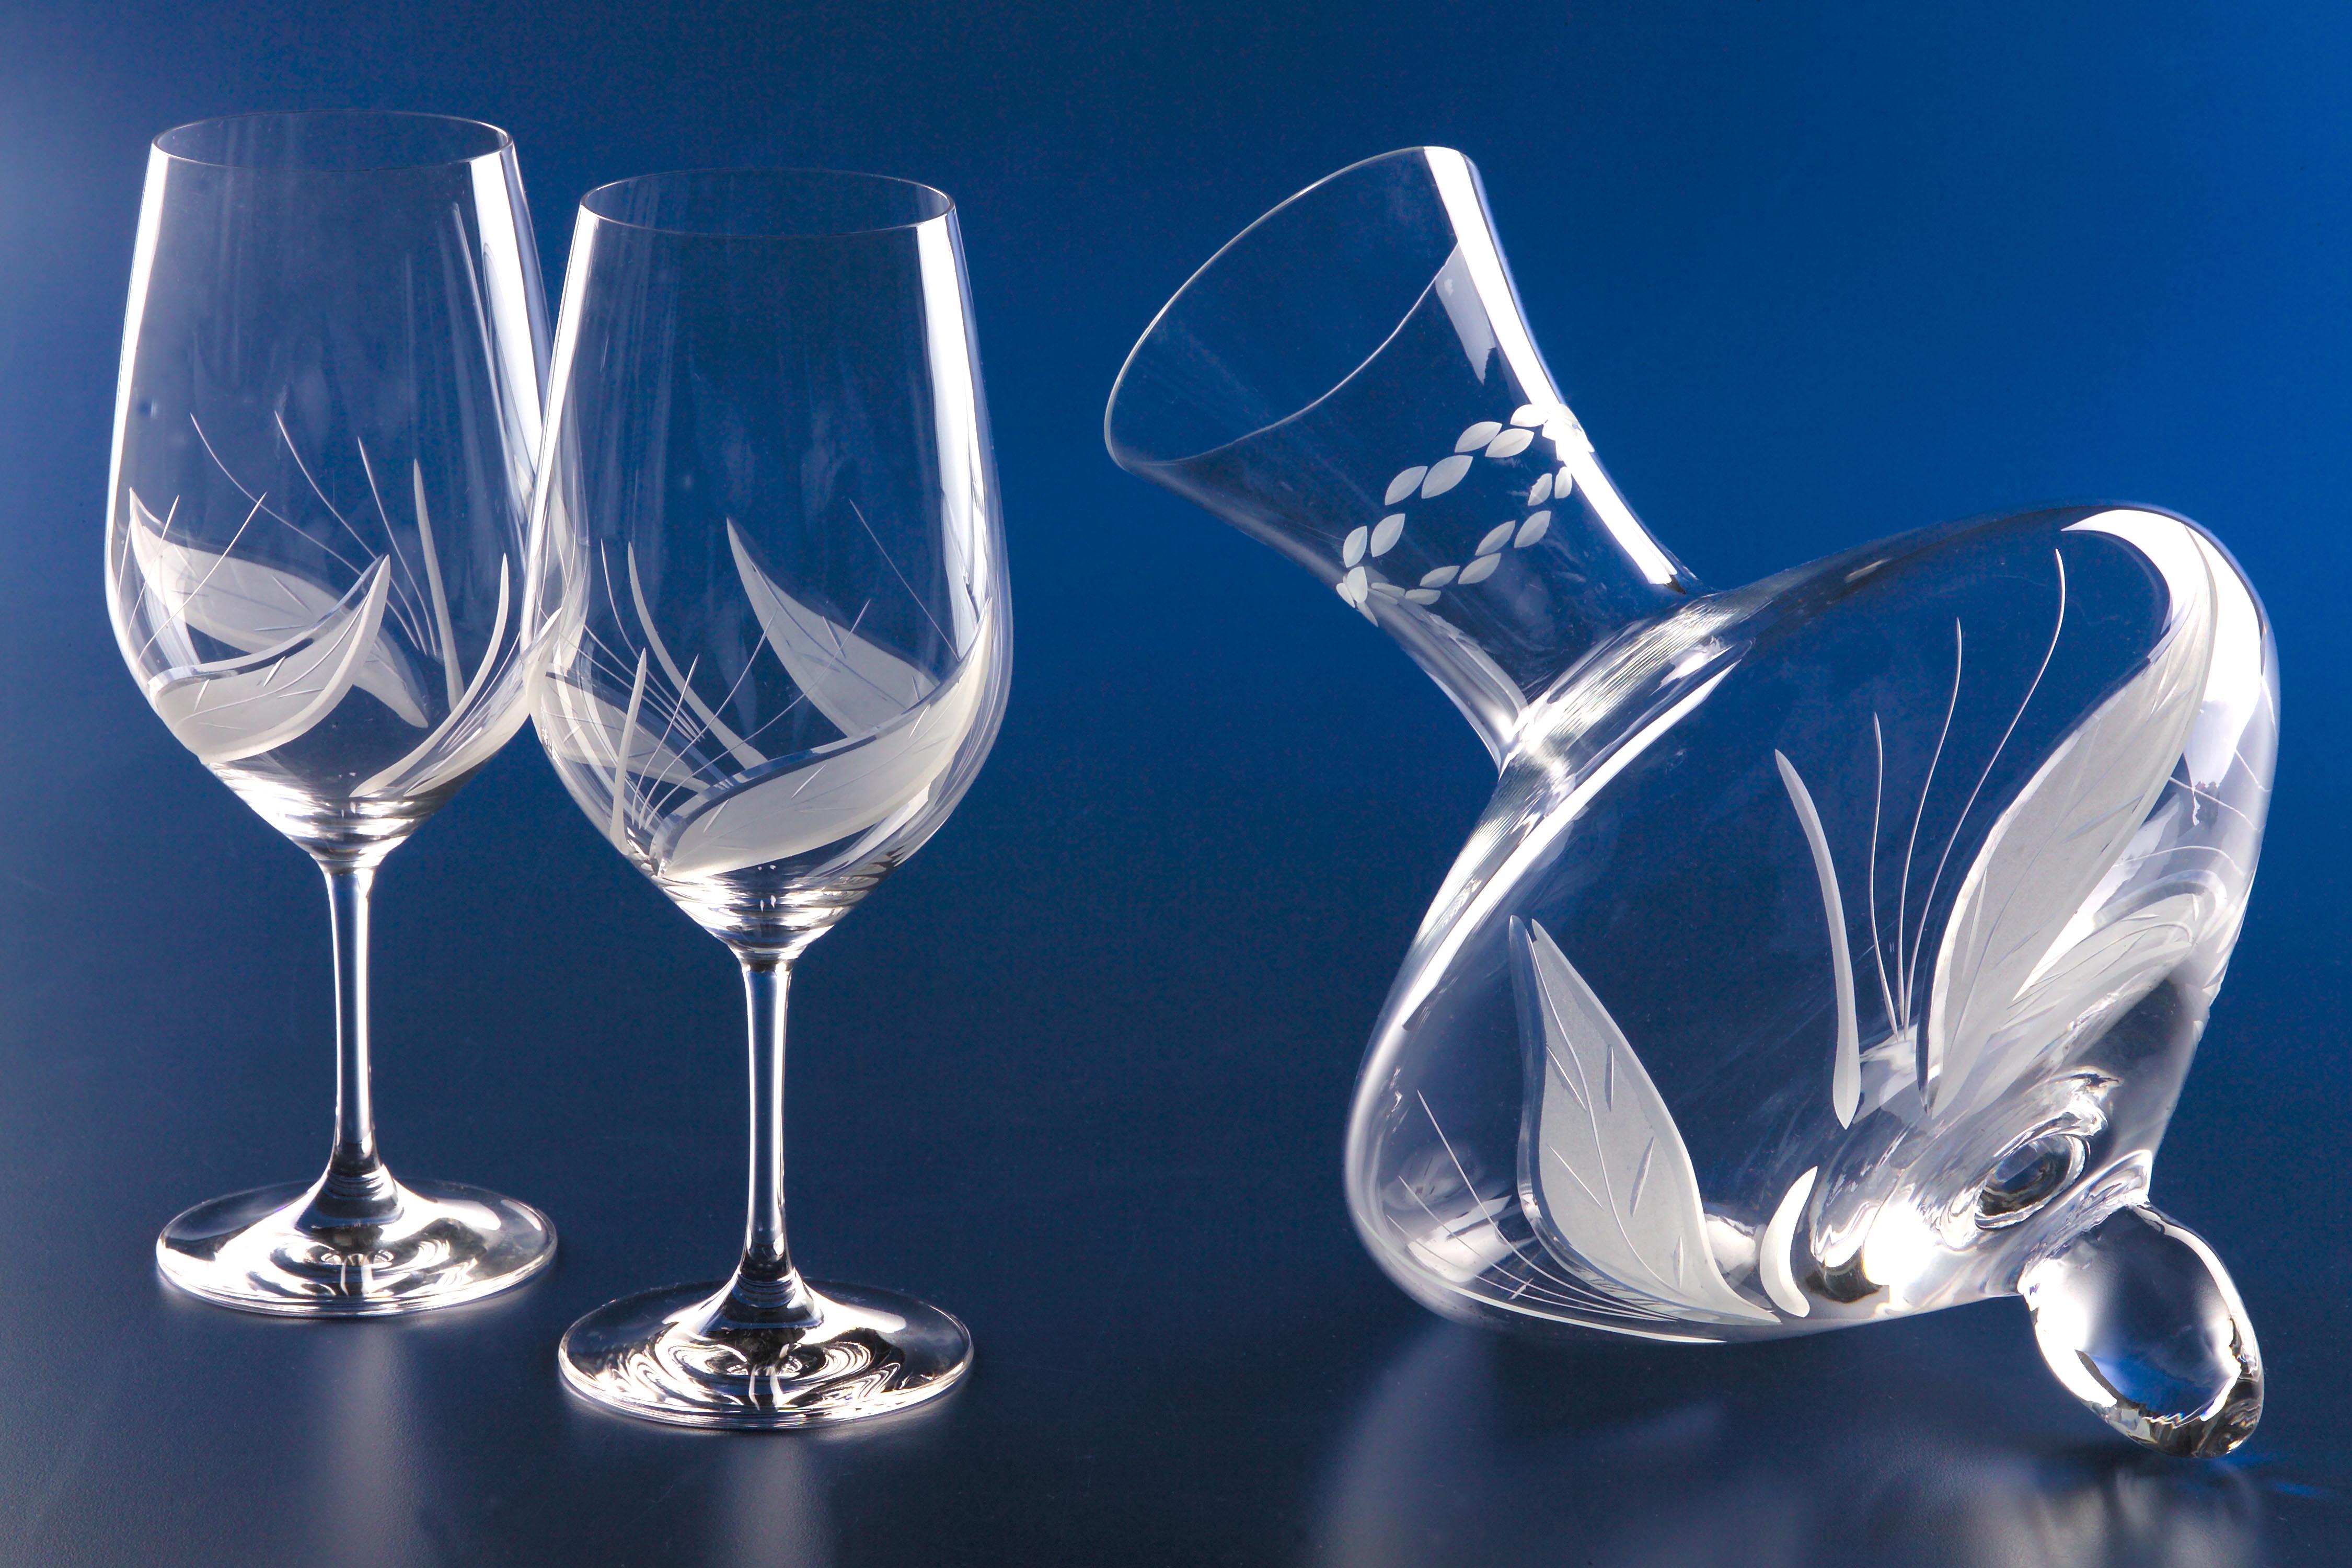 El oficio cristal tallado clemente mill n for Copas de cristal